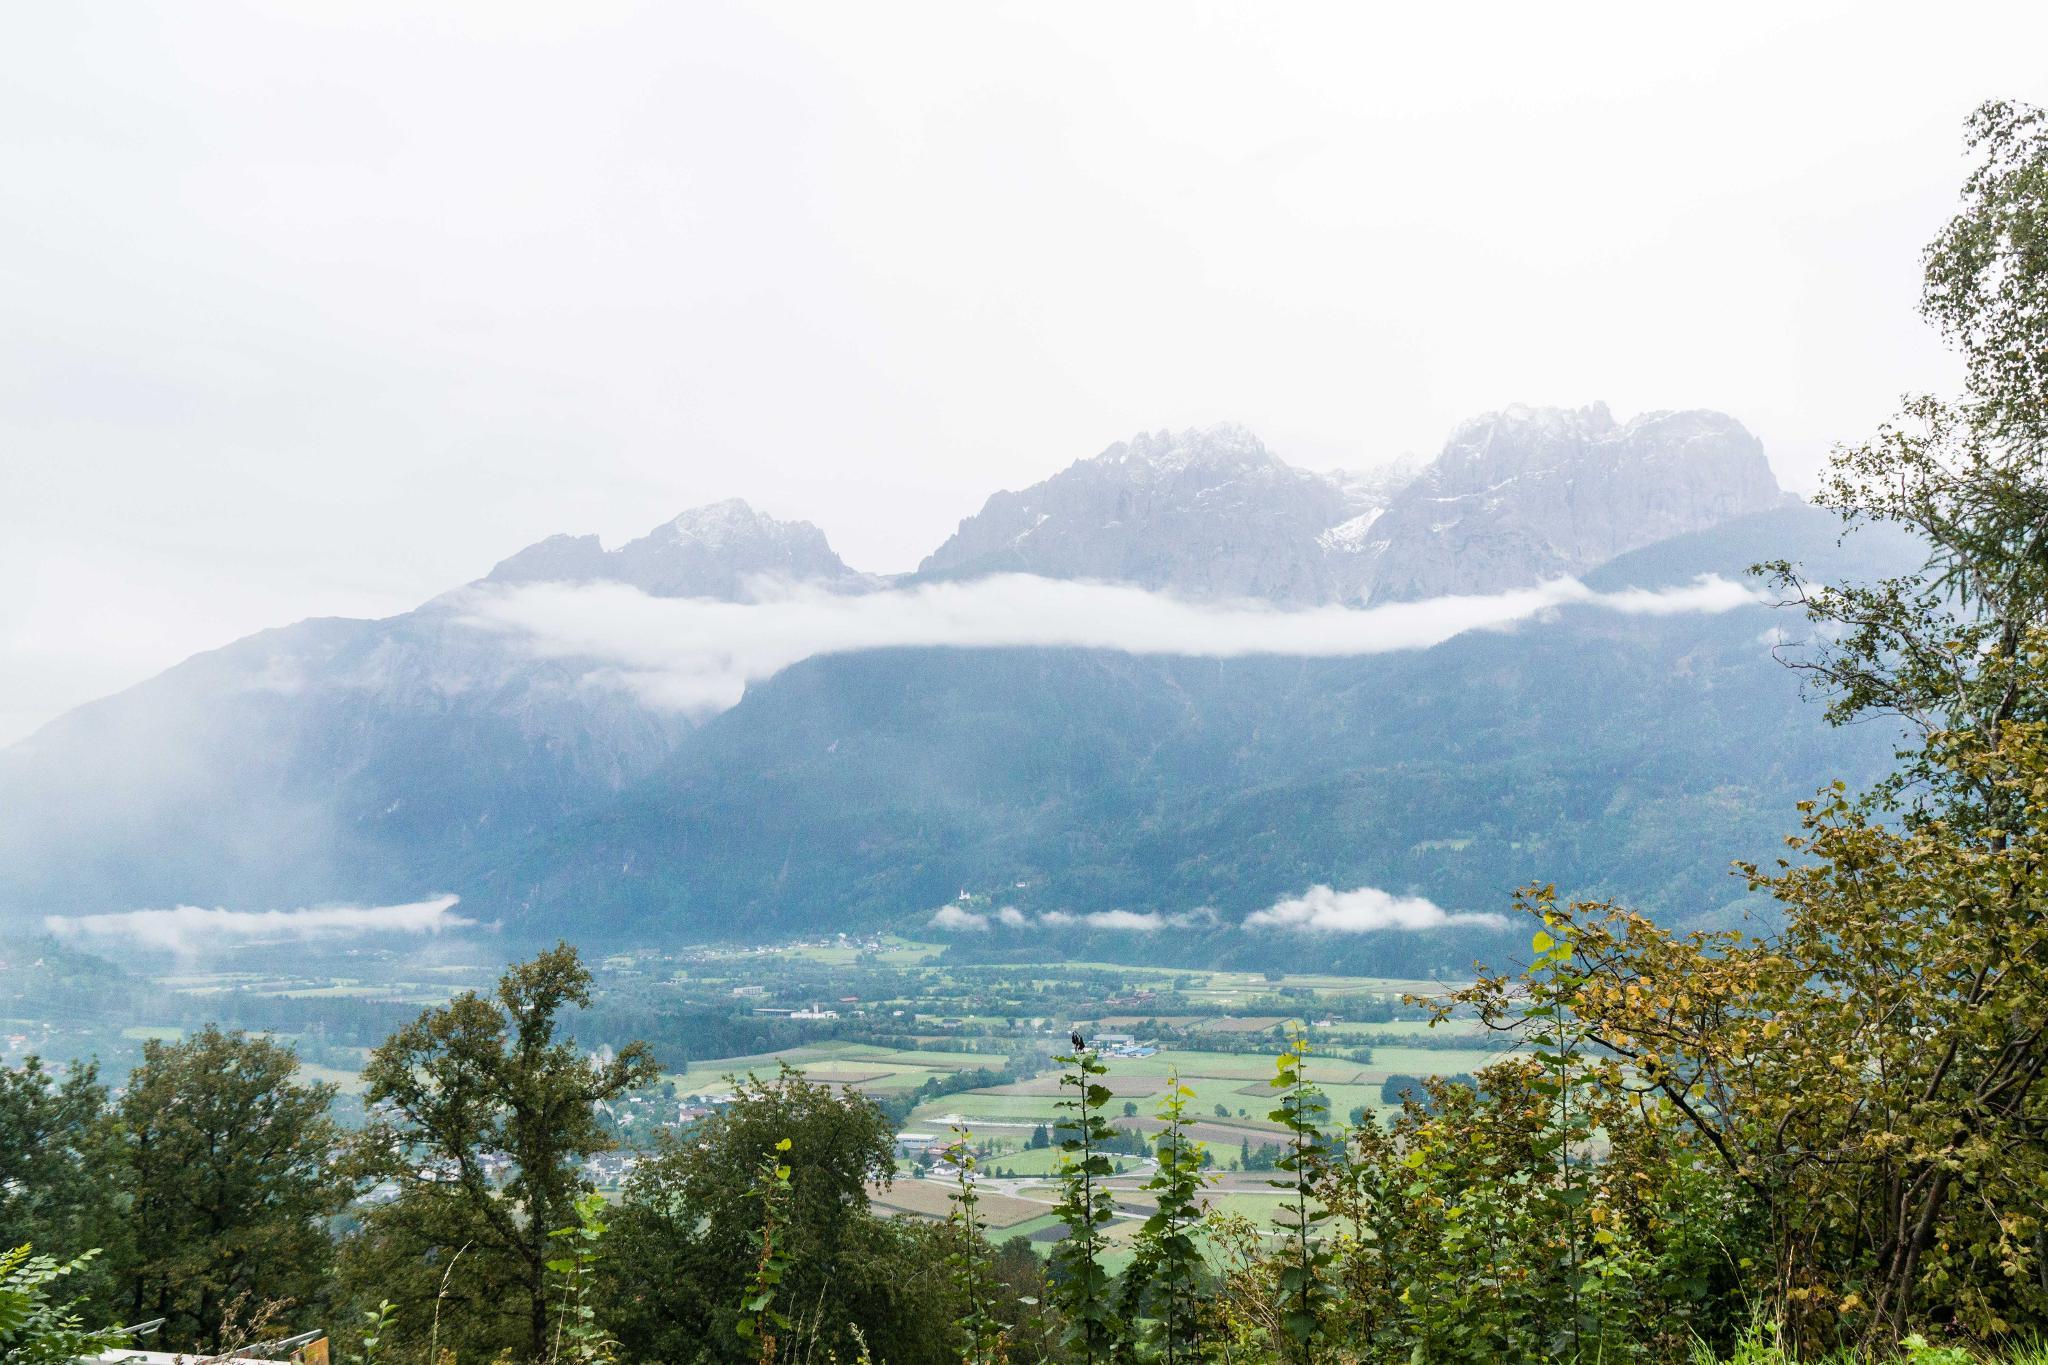 【奧地利】穿越阿爾卑斯之巔 — 奧地利大鐘山冰河公路 (Grossglockner High Alpine Road) 8